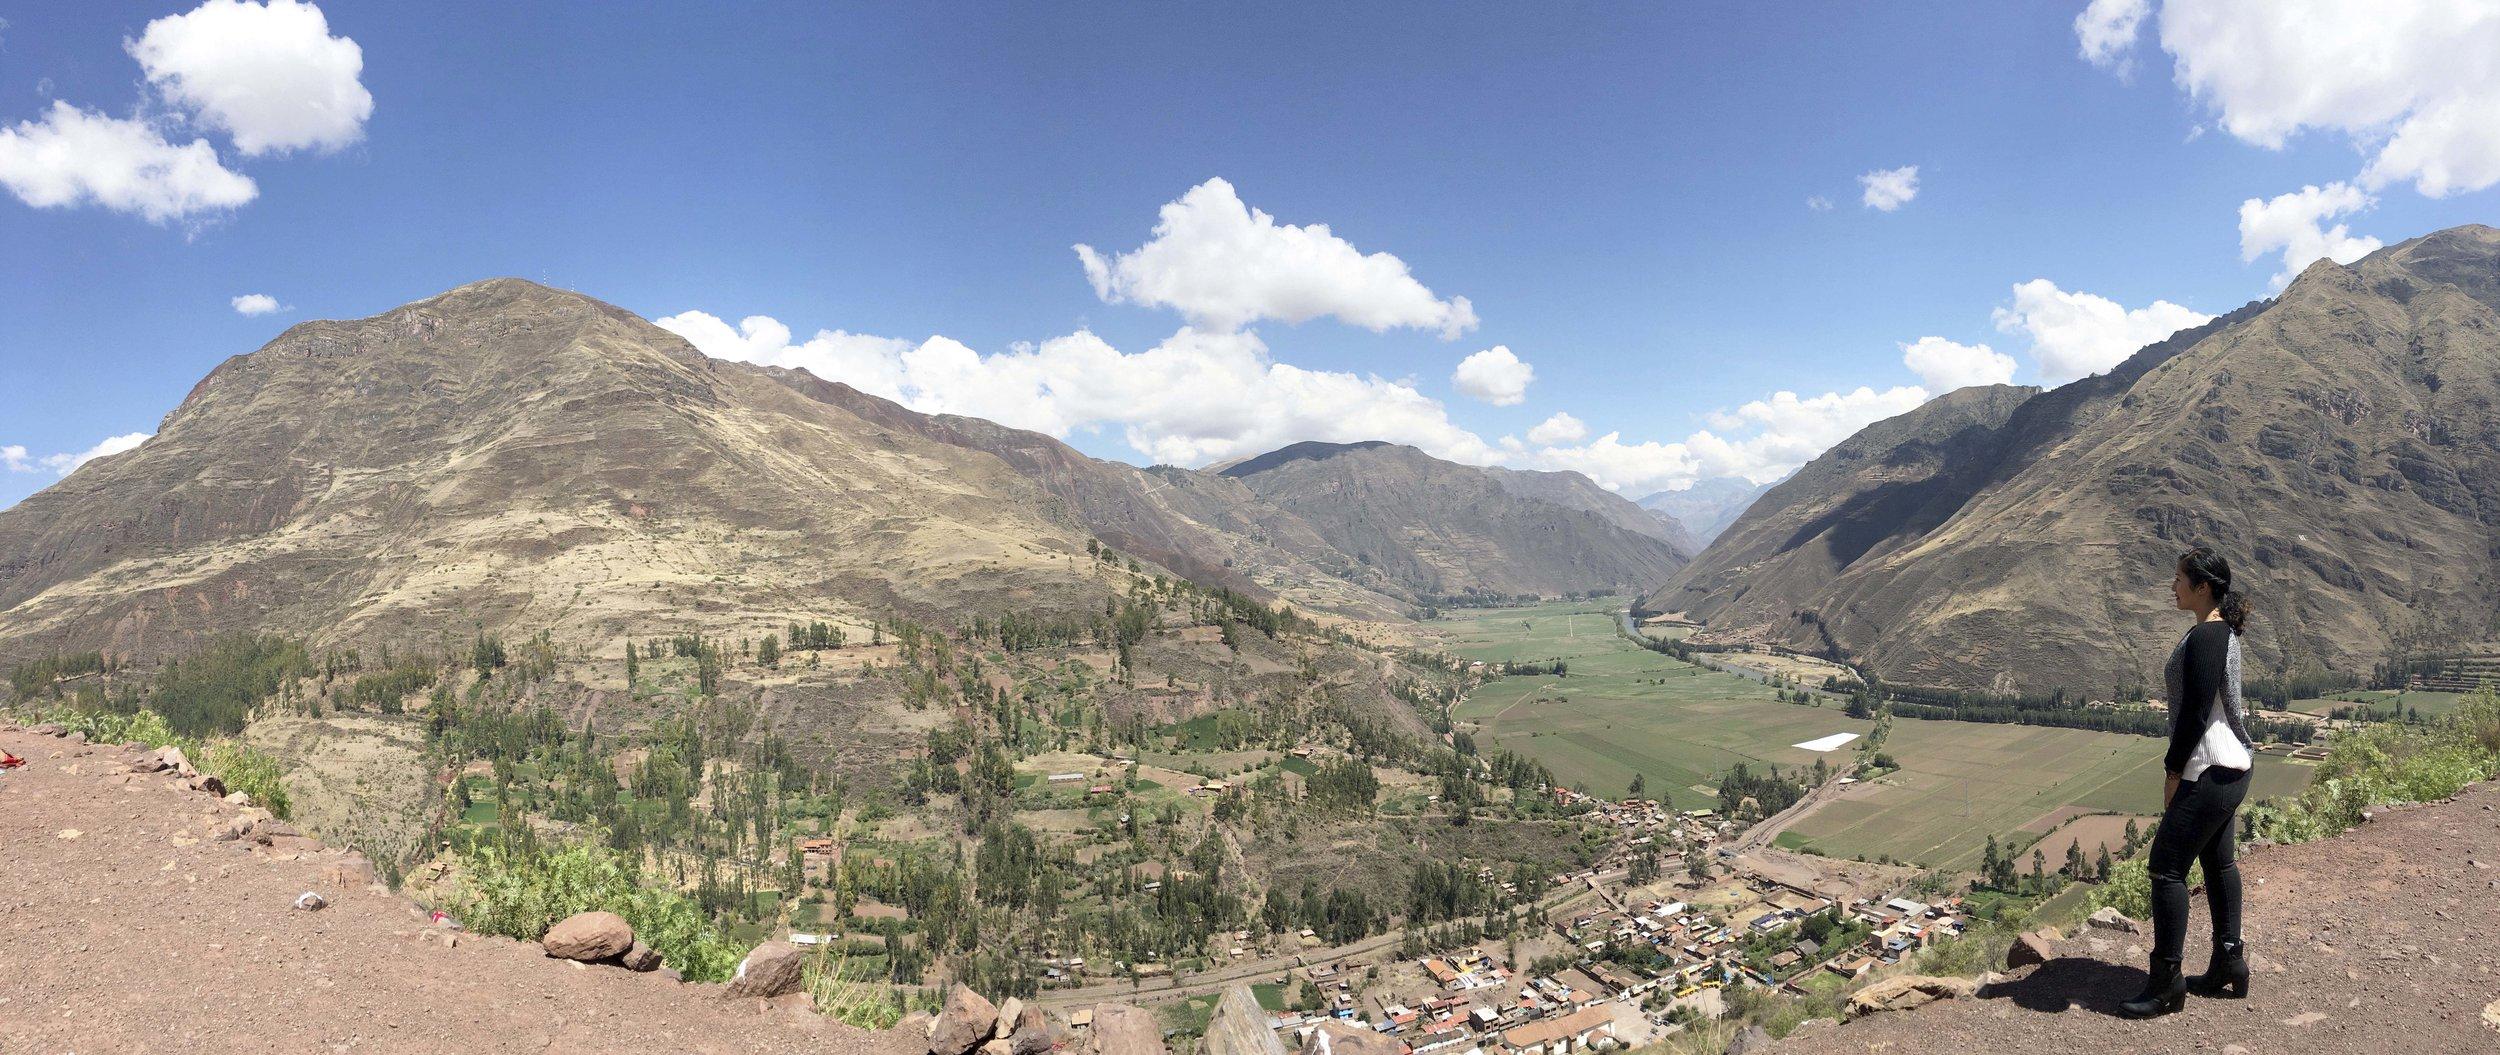 Cusco & Rainbow Mountain8.jpg